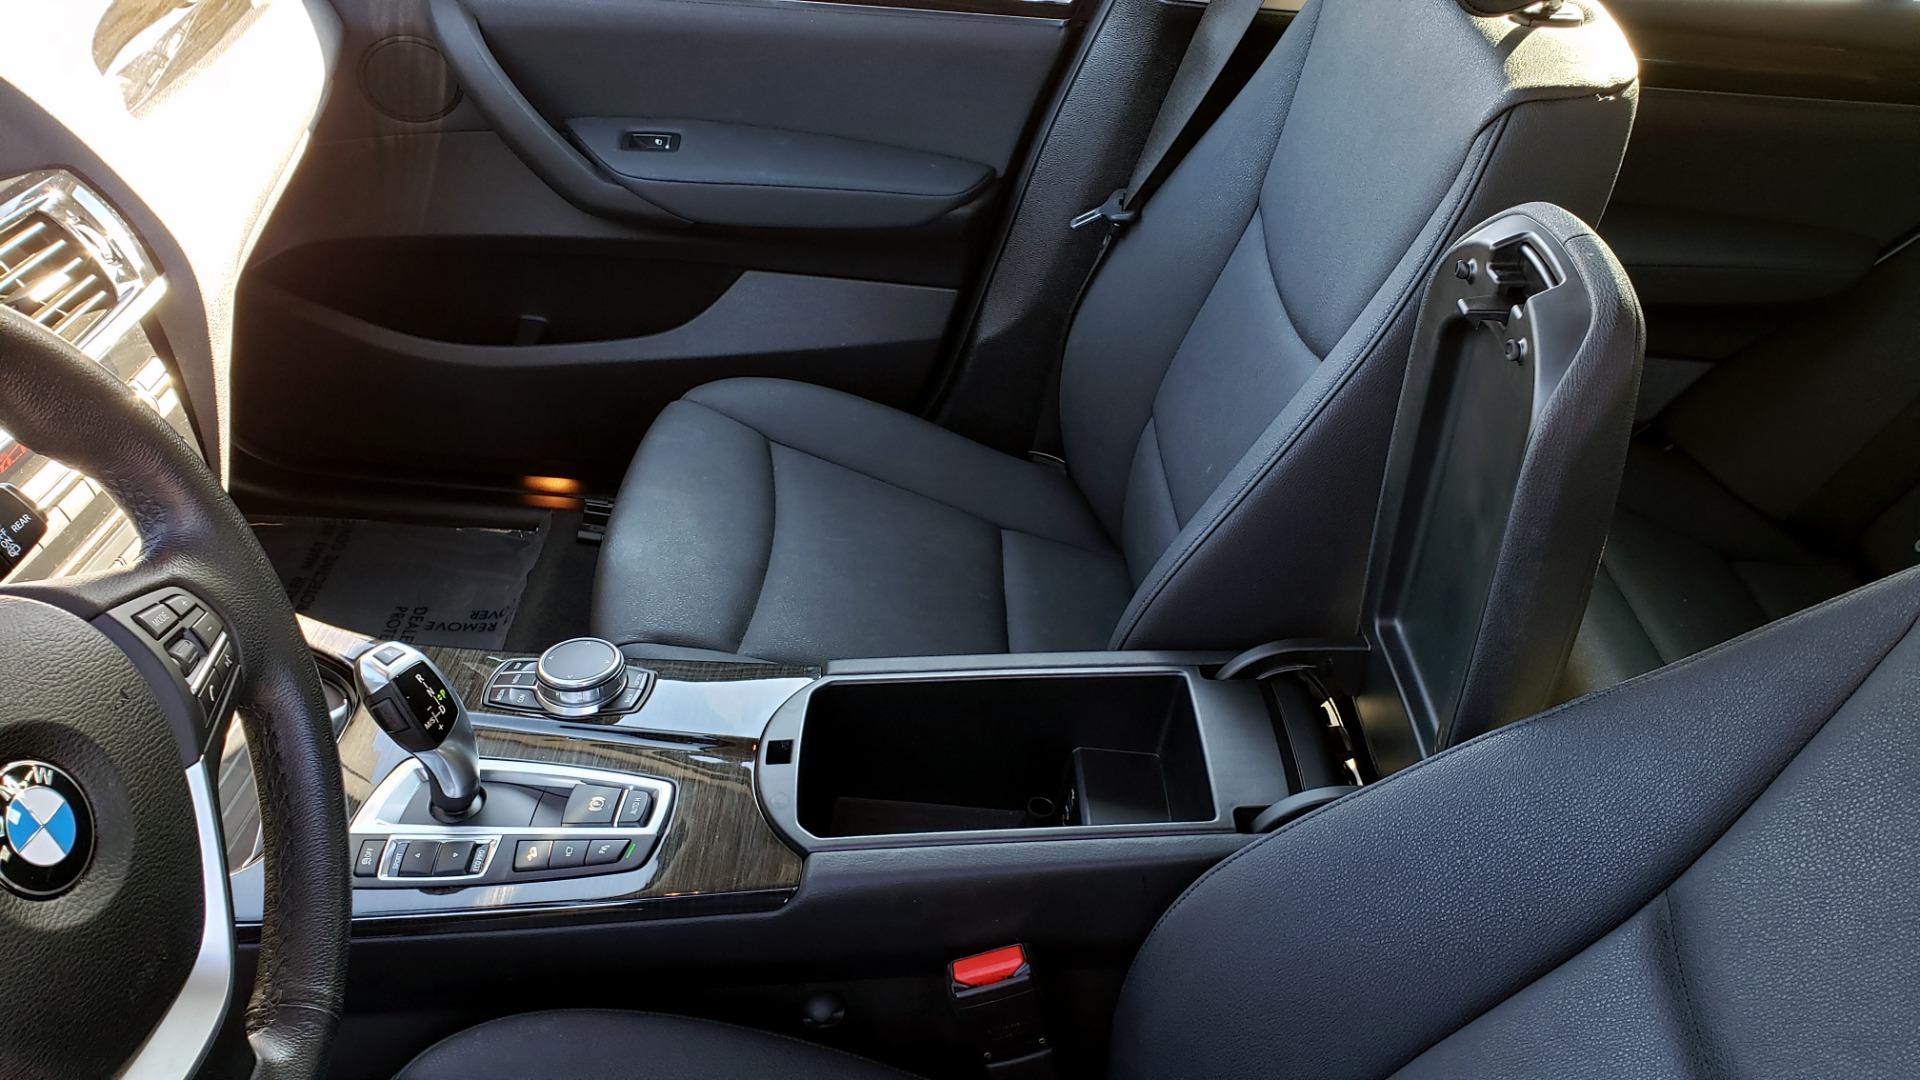 Used 2017 BMW X3 XDRIVE28I / PREM PKG / NAV / DRVR ASST / HTD STS / CAMERAS for sale Sold at Formula Imports in Charlotte NC 28227 68